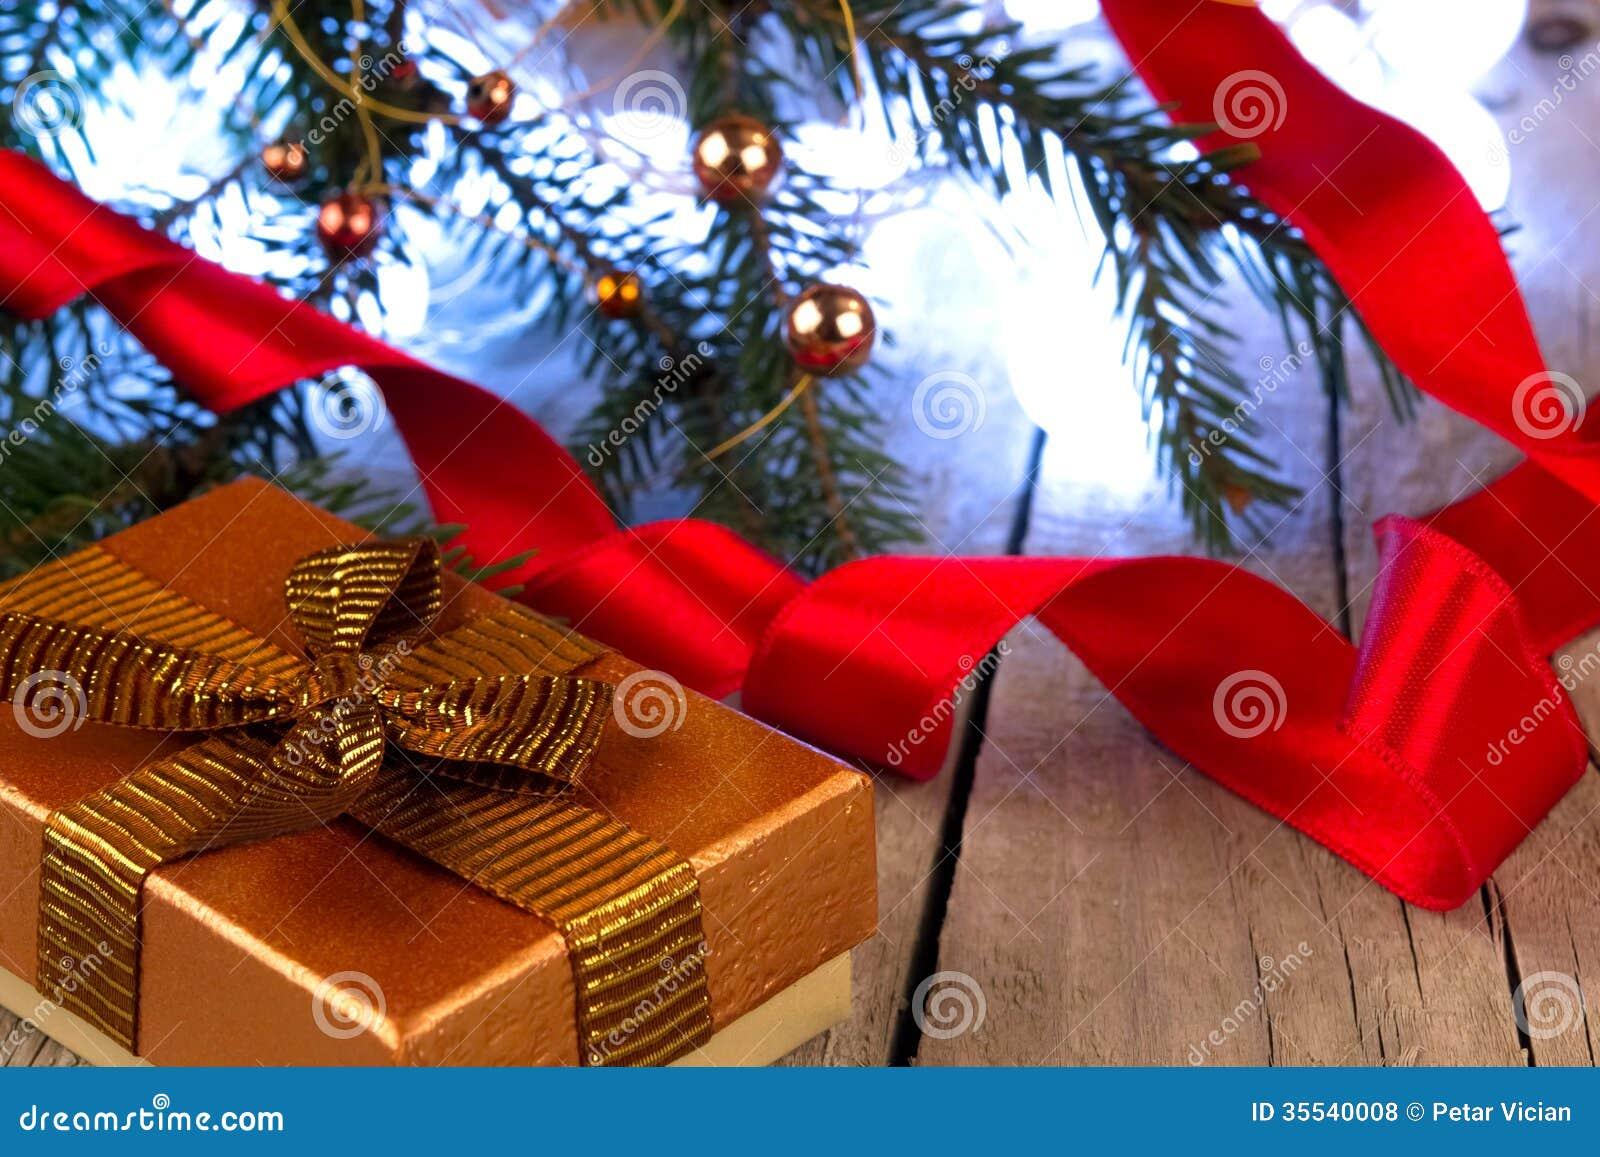 Fotos de Stock Royalty Free: Caixa de presente com fita dourada e  #C5060E 1300x957